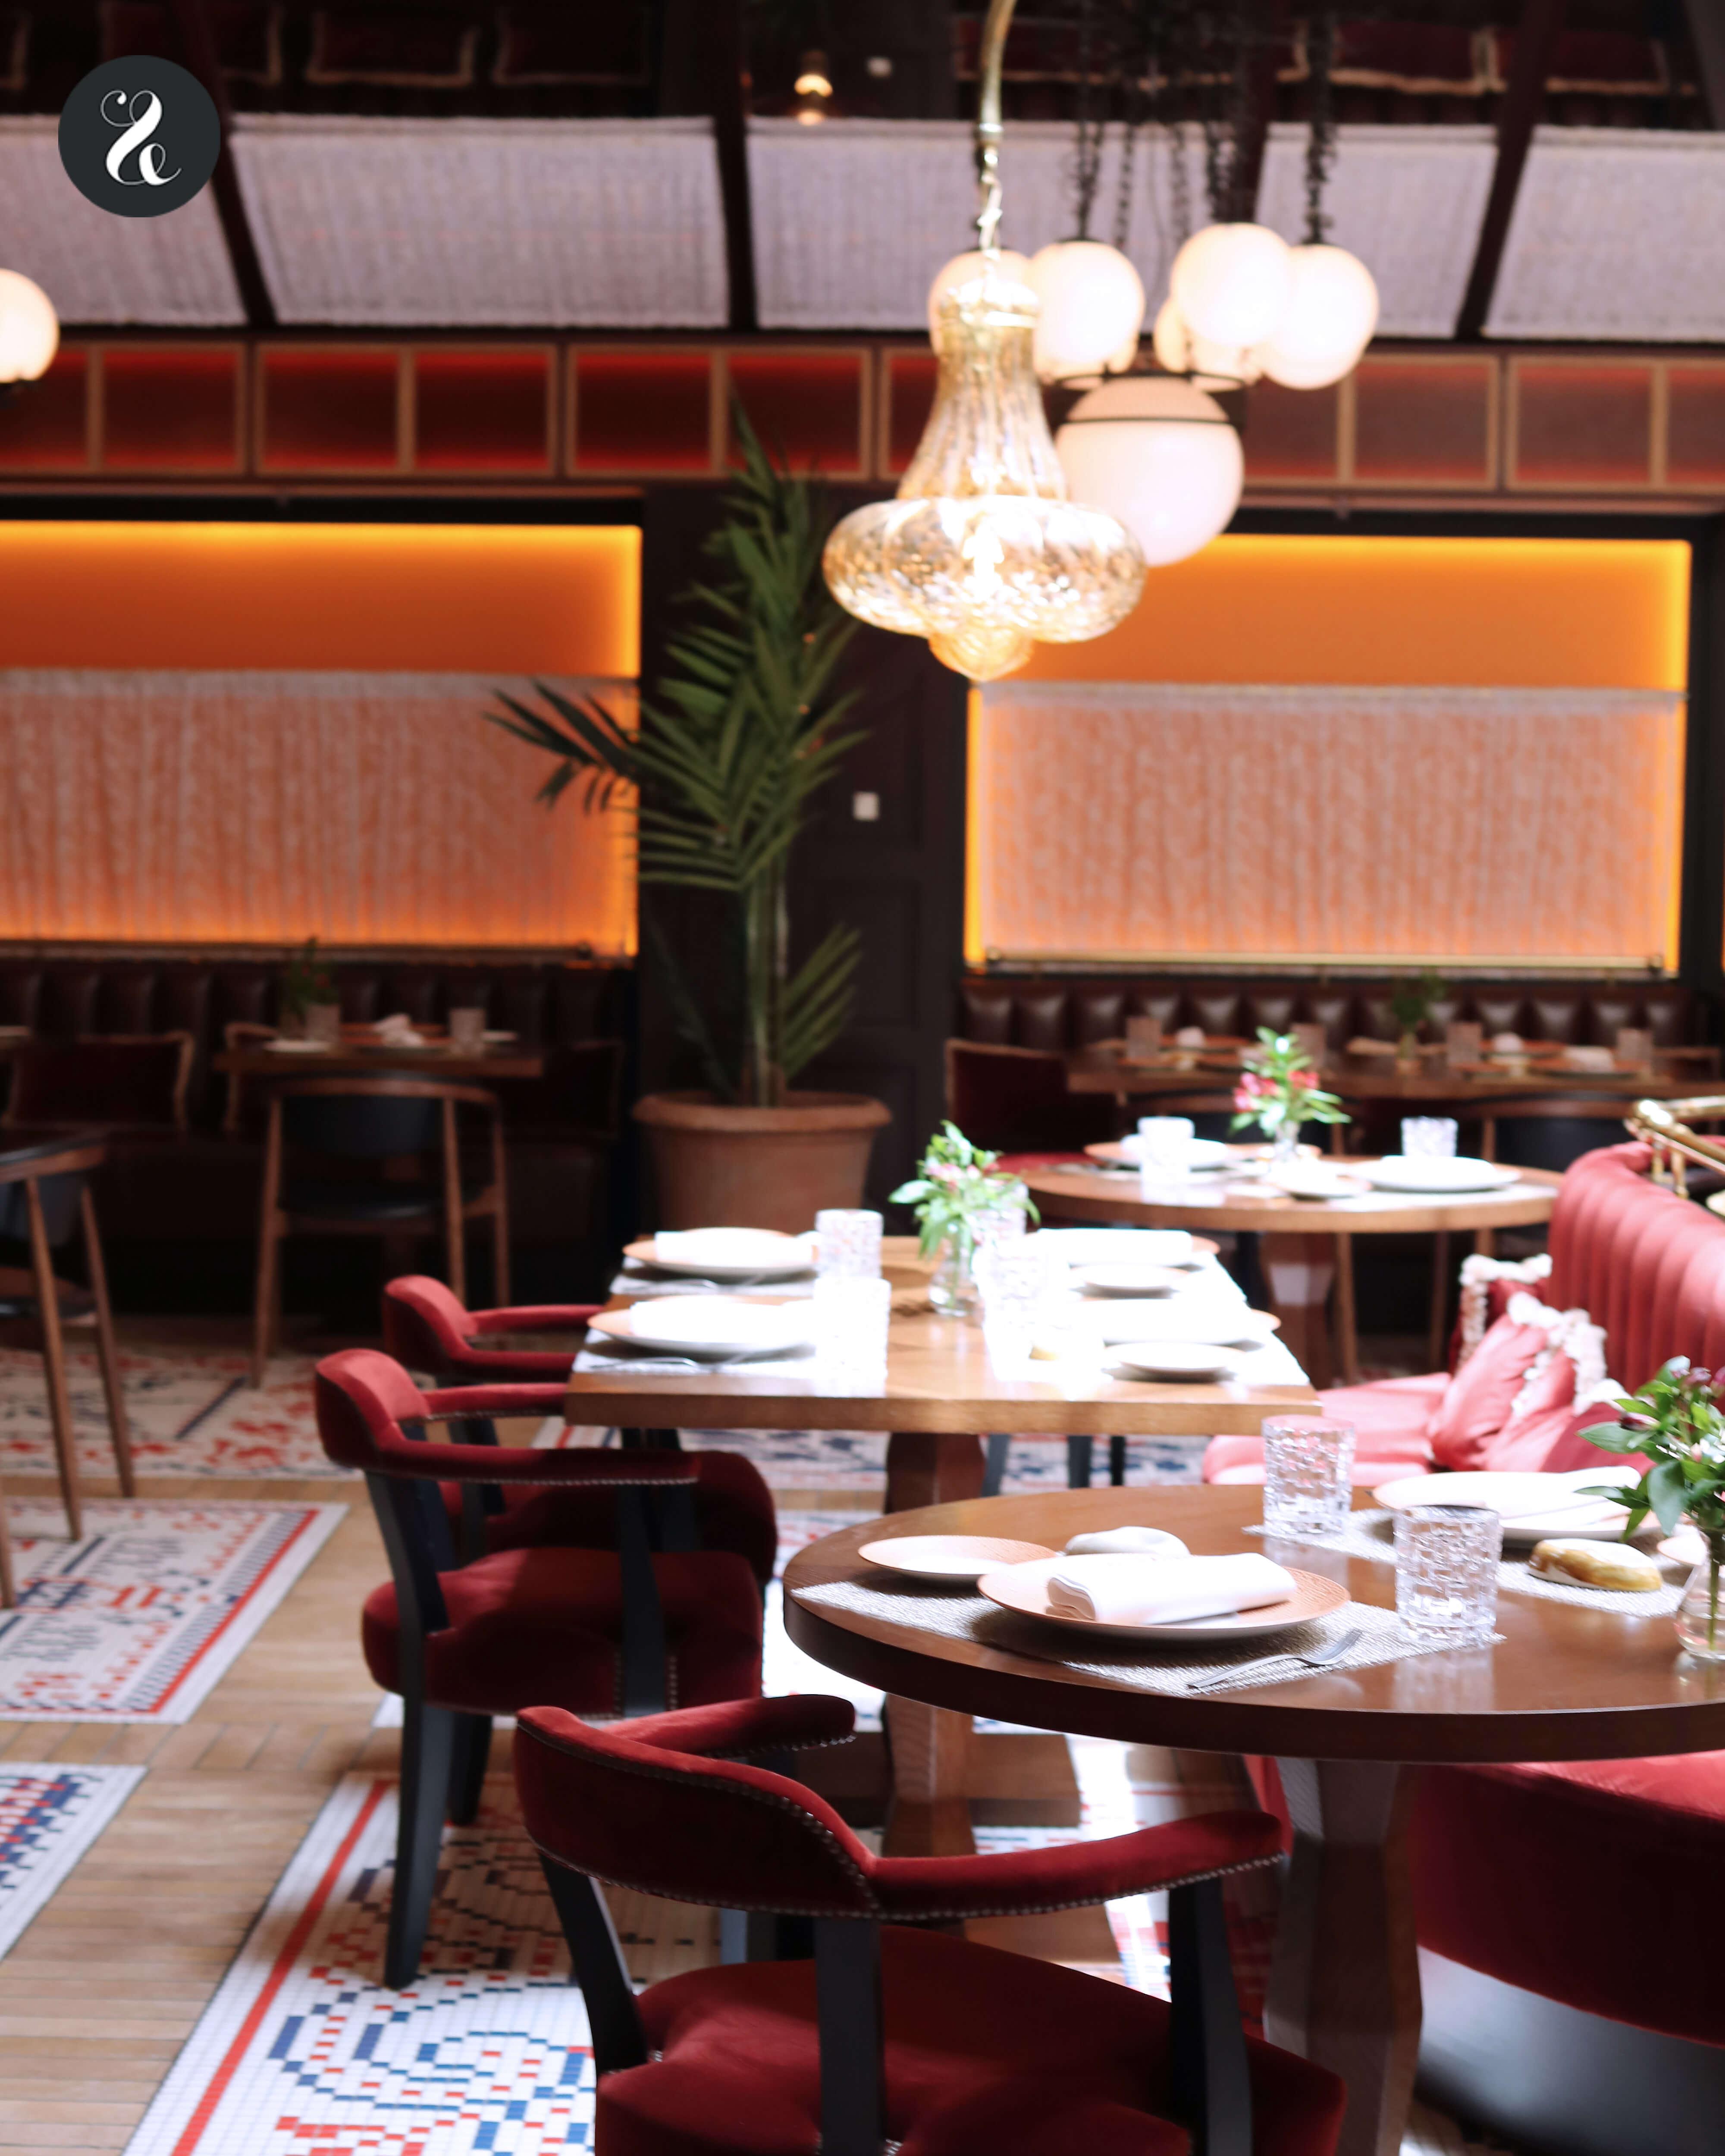 mejores restaurantes románticos Madrid - Etxeko